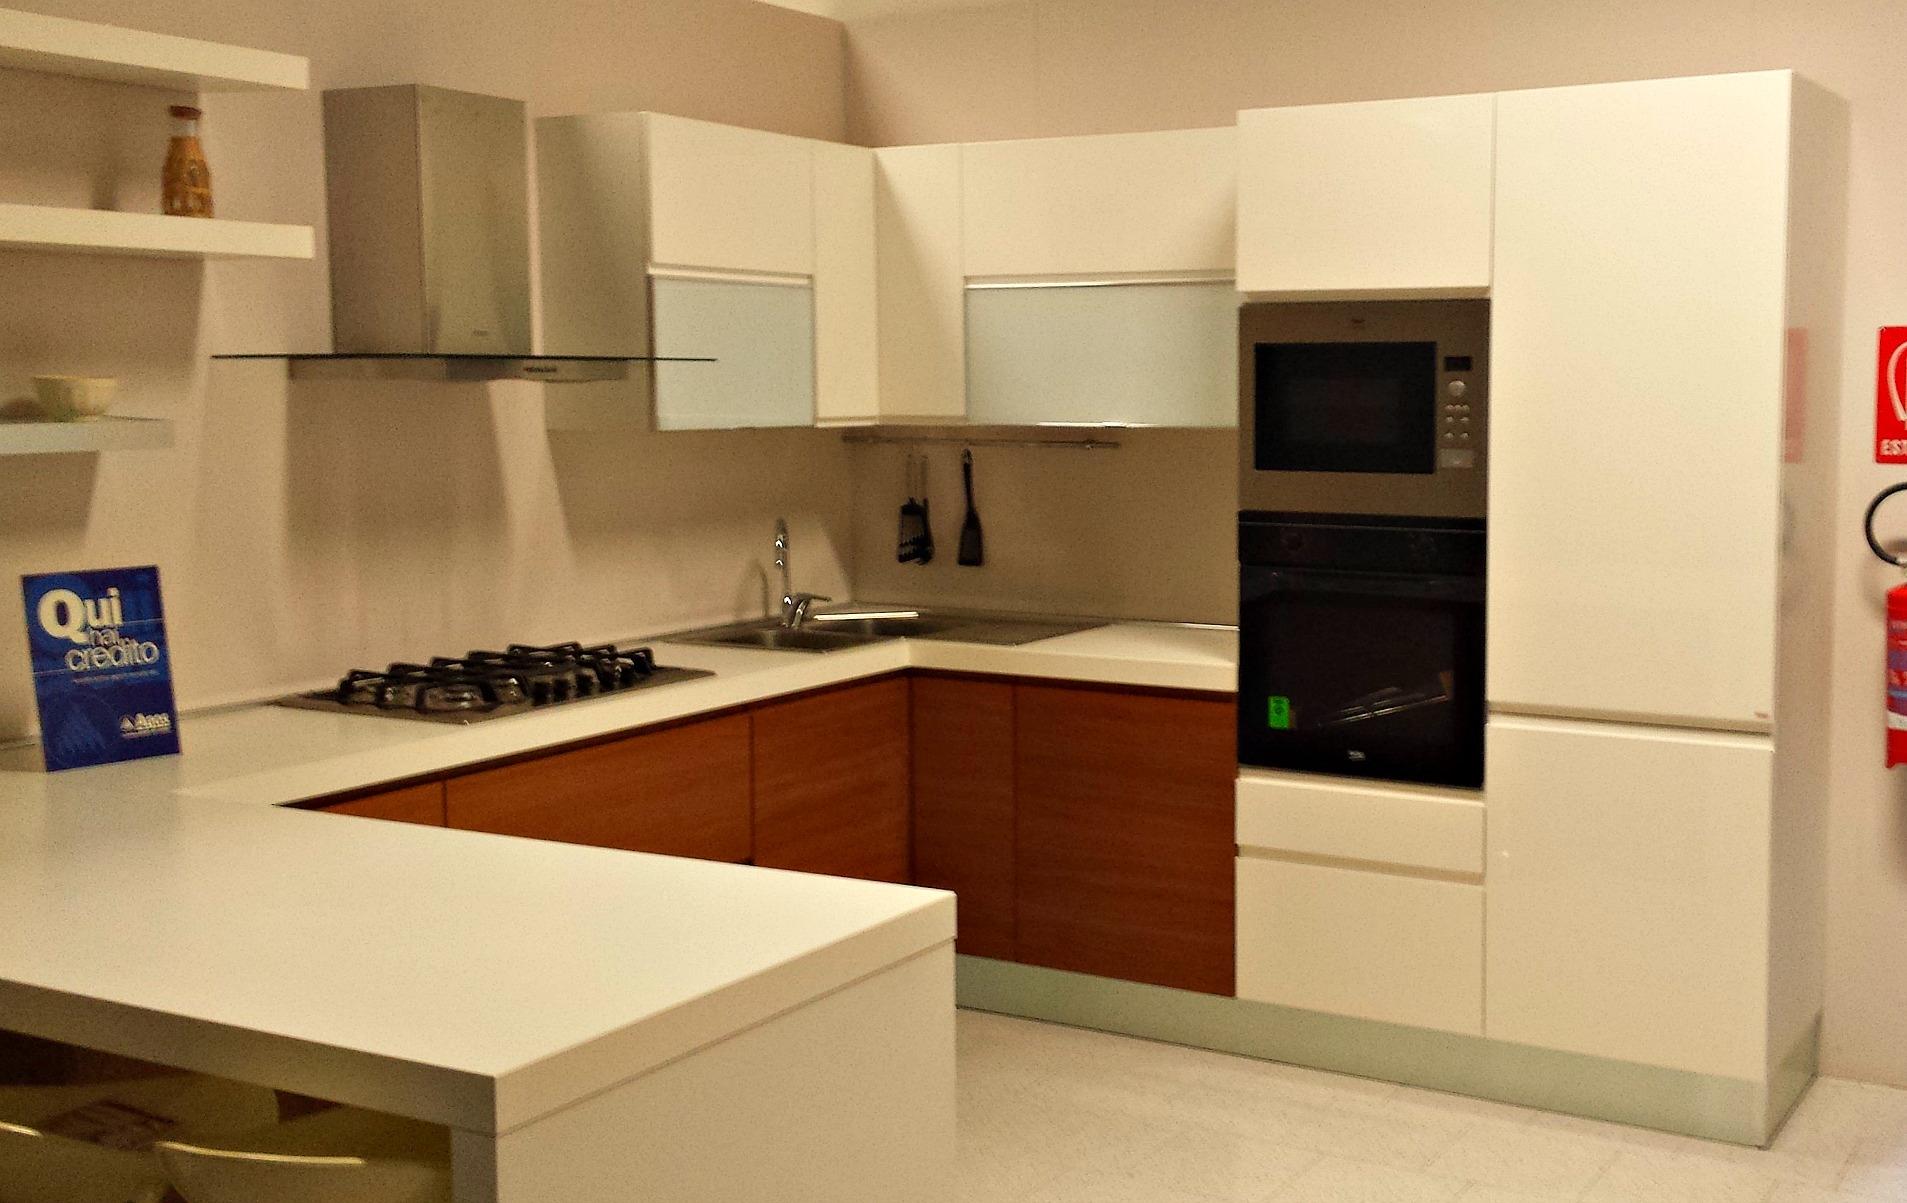 Cucina angolare con penisola modello sintesy cucine a prezzi scontati - Pensile angolare cucina ...